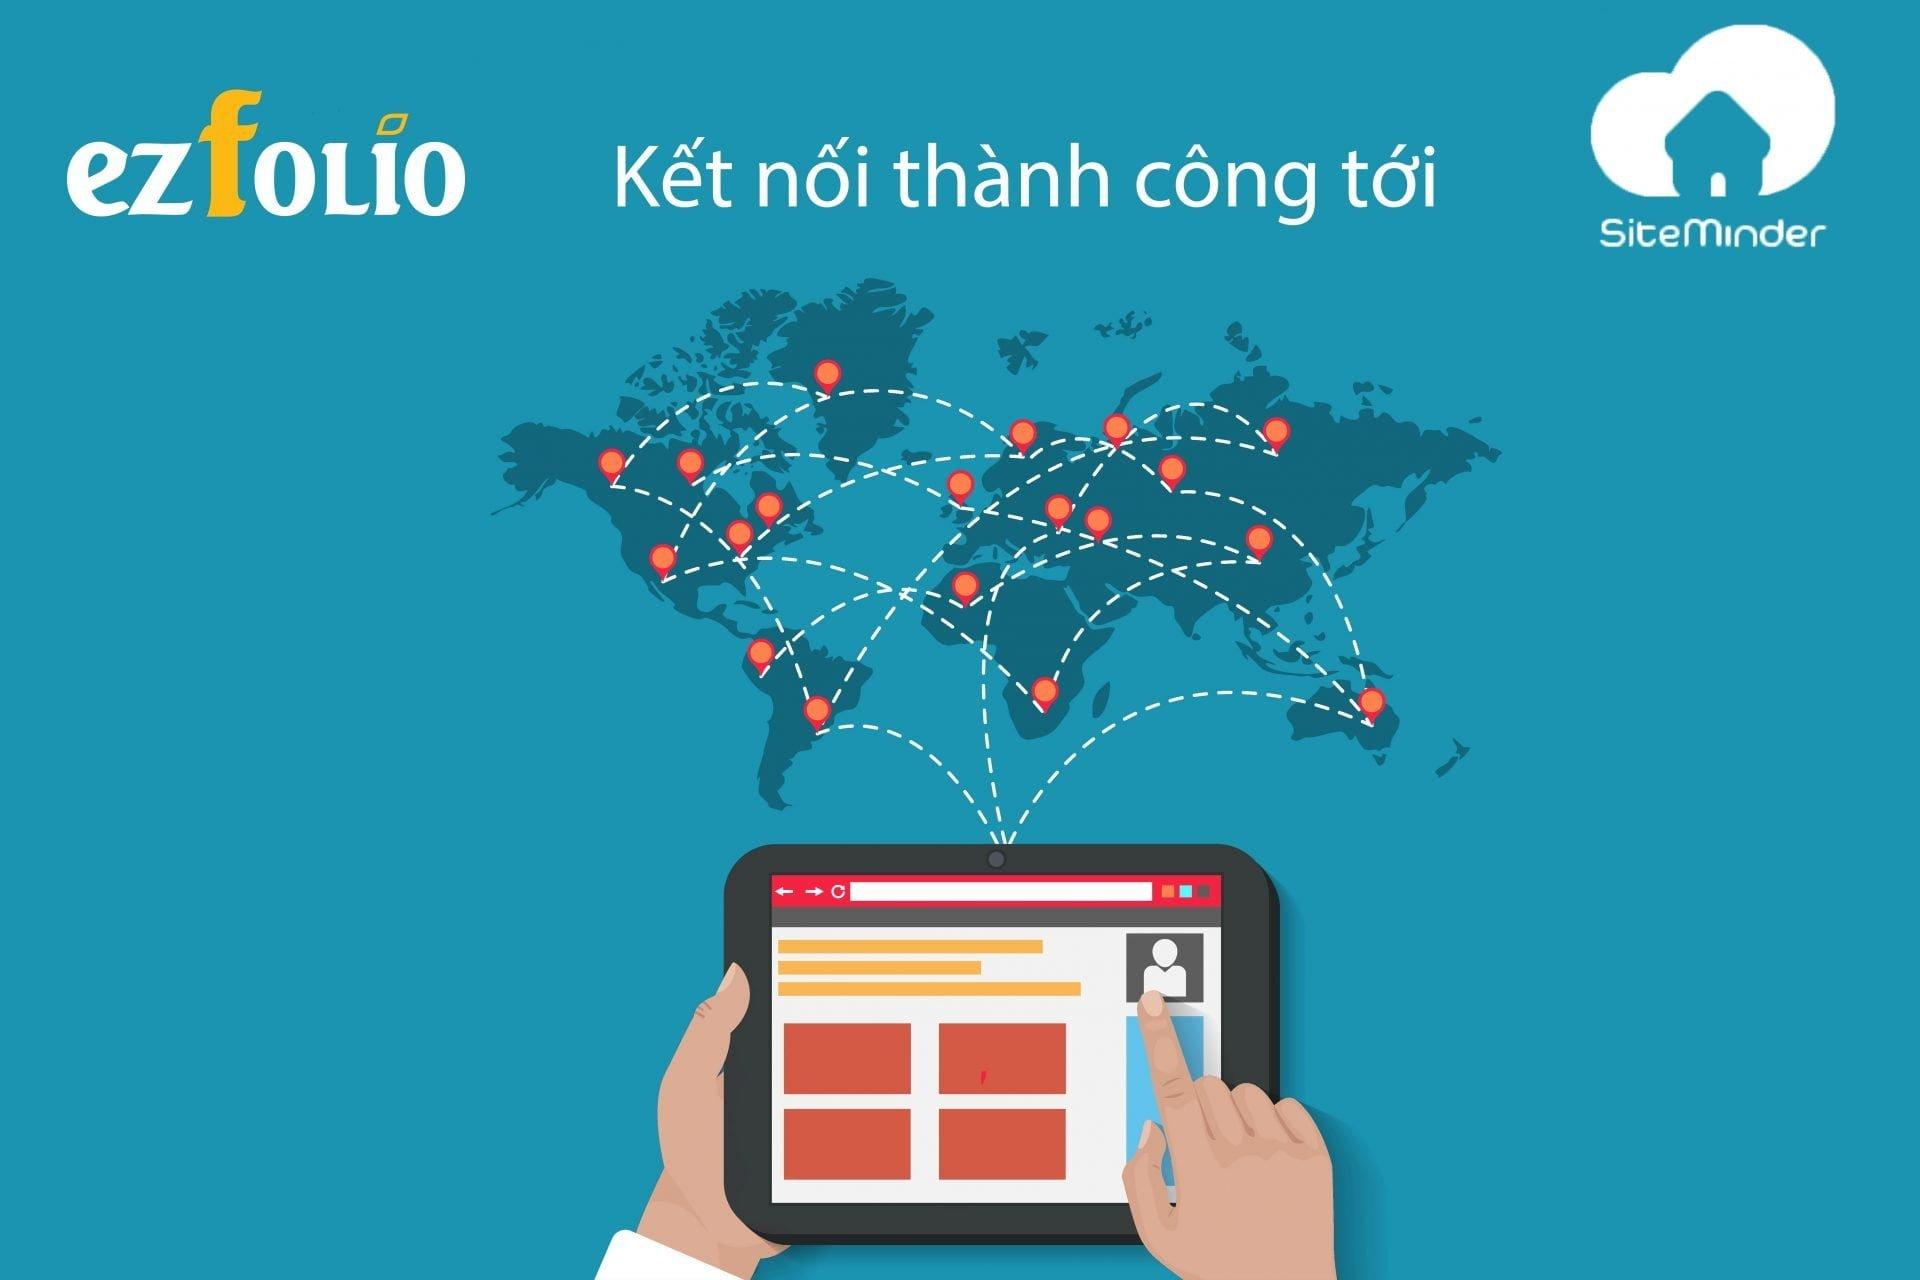 ezFolio – Phần mềm khách sạn duy nhất tại Việt Nam kết nối với SiteMinder